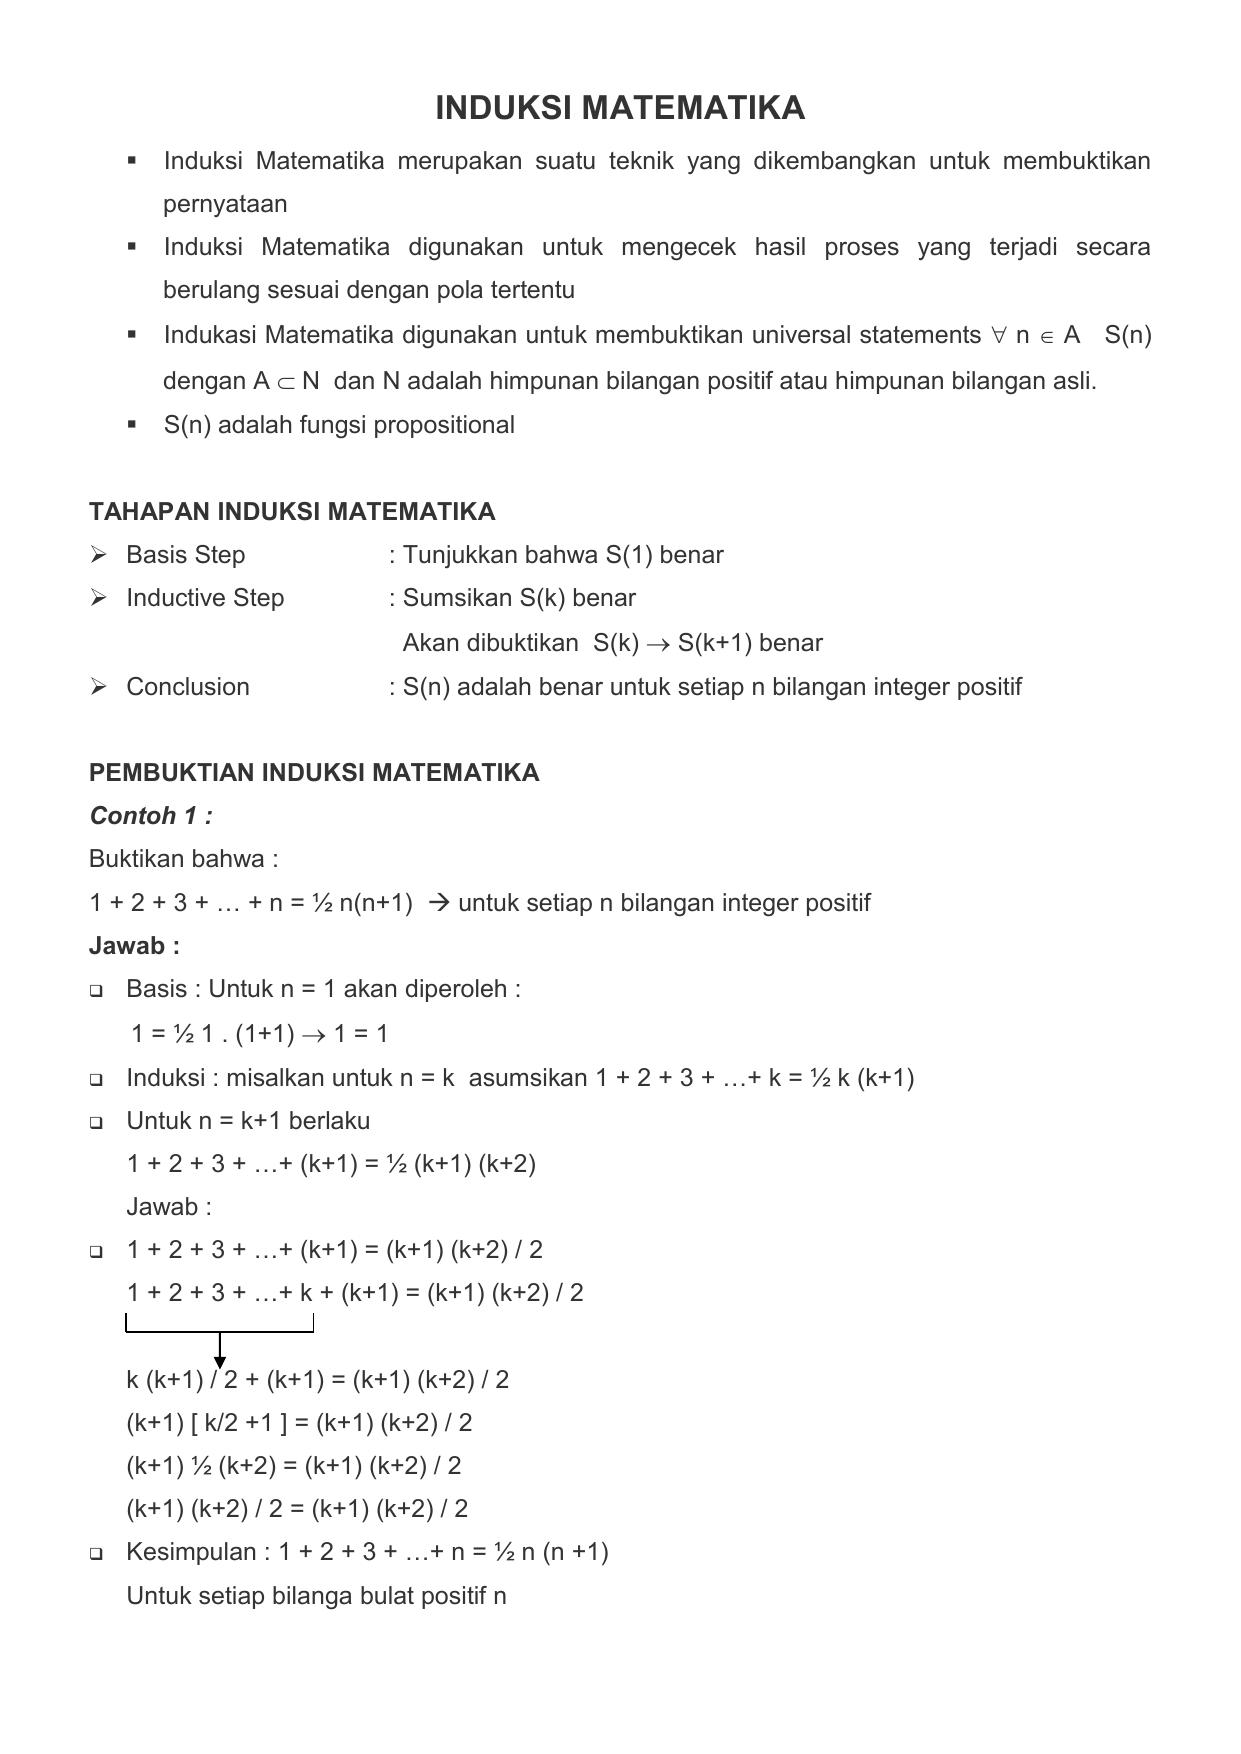 Contoh Makalah Induksi Matematika